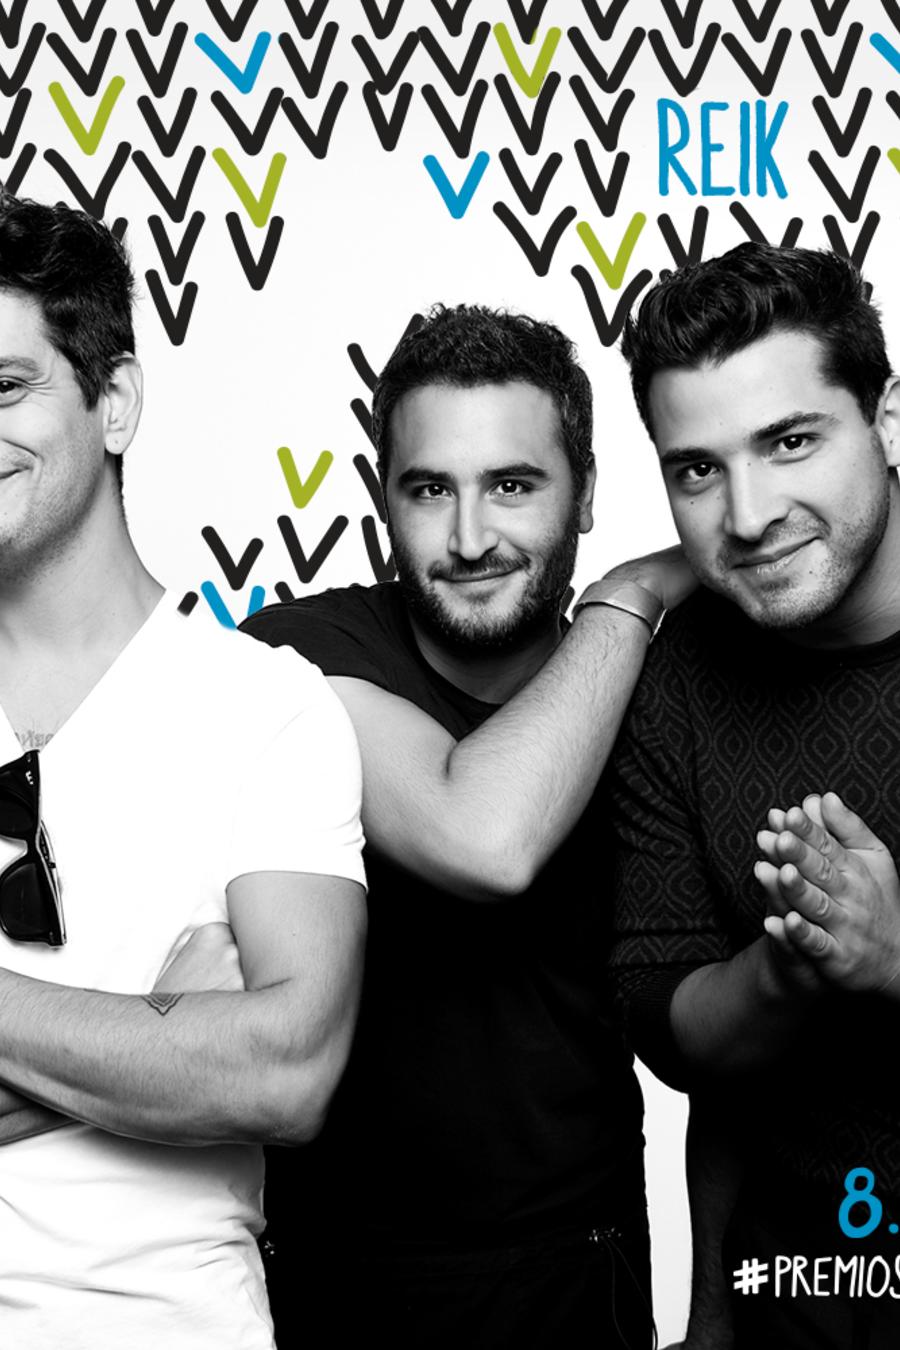 Reik - Premios Tu Mundo 2016